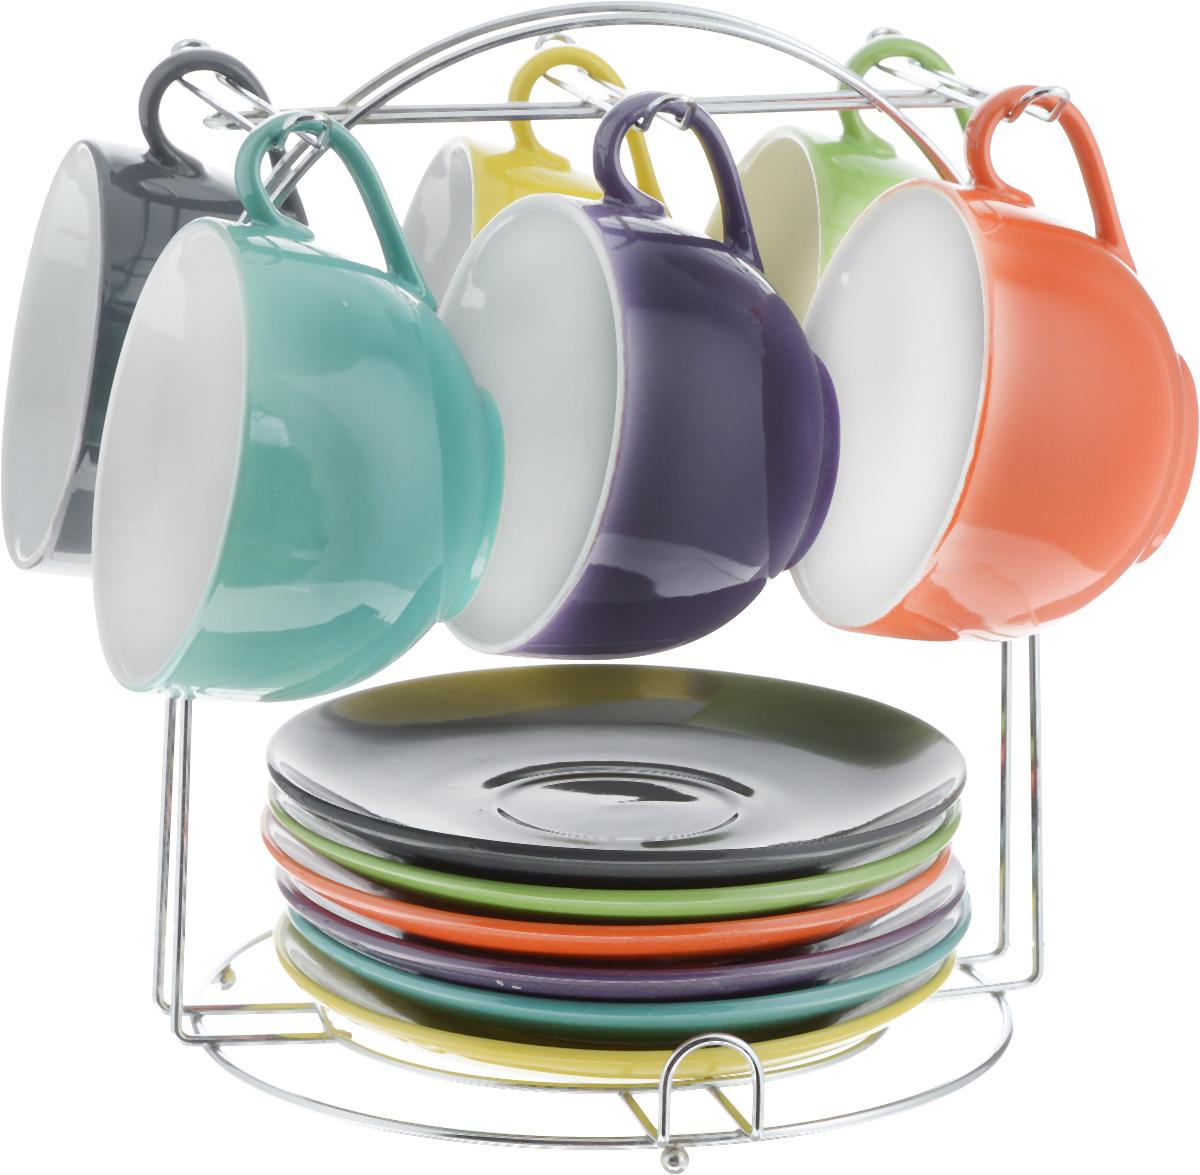 Набор чайный Loraine, на подставке, 13 предметов. 23134VT-1520(SR)Набор Loraine состоит из шести чашек и шести блюдец, изготовленных из высококачественной керамики. Для компактного хранения изделий предусмотрена металлическая подставка. Такой набор идеально подойдет для подачи чая или кофе.Лаконичный дизайн придется по вкусу и ценителям классики, и тем, кто предпочитает утонченность и изысканность. Он настроит на позитивный лад и подарит хорошее настроение с самого утра. Чайный набор Loraine станет отличным подарком для вашего дома и для ваших друзей в праздники.Можно использовать в микроволновой печи, также мыть в посудомоечной машине. Объем чашки: 250 мл. Диаметр чашки (по верхнему краю): 9,5 см. Высота чашки: 6,5 см. Диаметр блюдца: 14,5 см. Высота блюдца: 2,2 см.Размер подставки: 19 х 19,5 х 22,5 см.